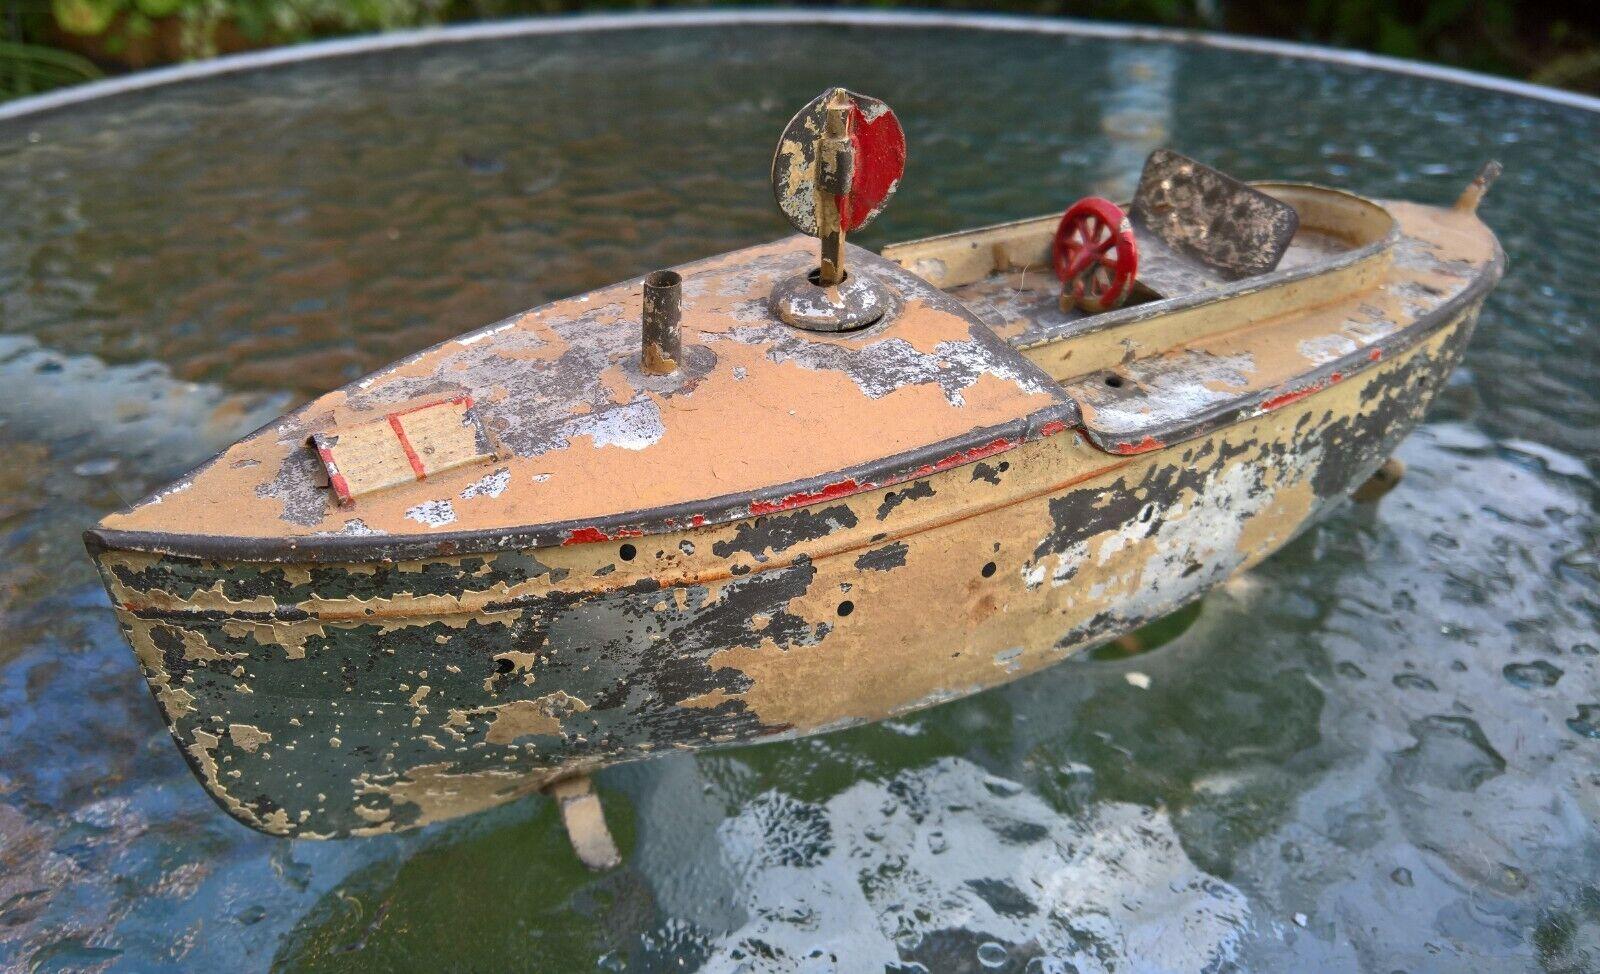 Cocheette mecanismo de relojería lanzamiento barco Works 9.5 pulgadas c1900 bing marklin